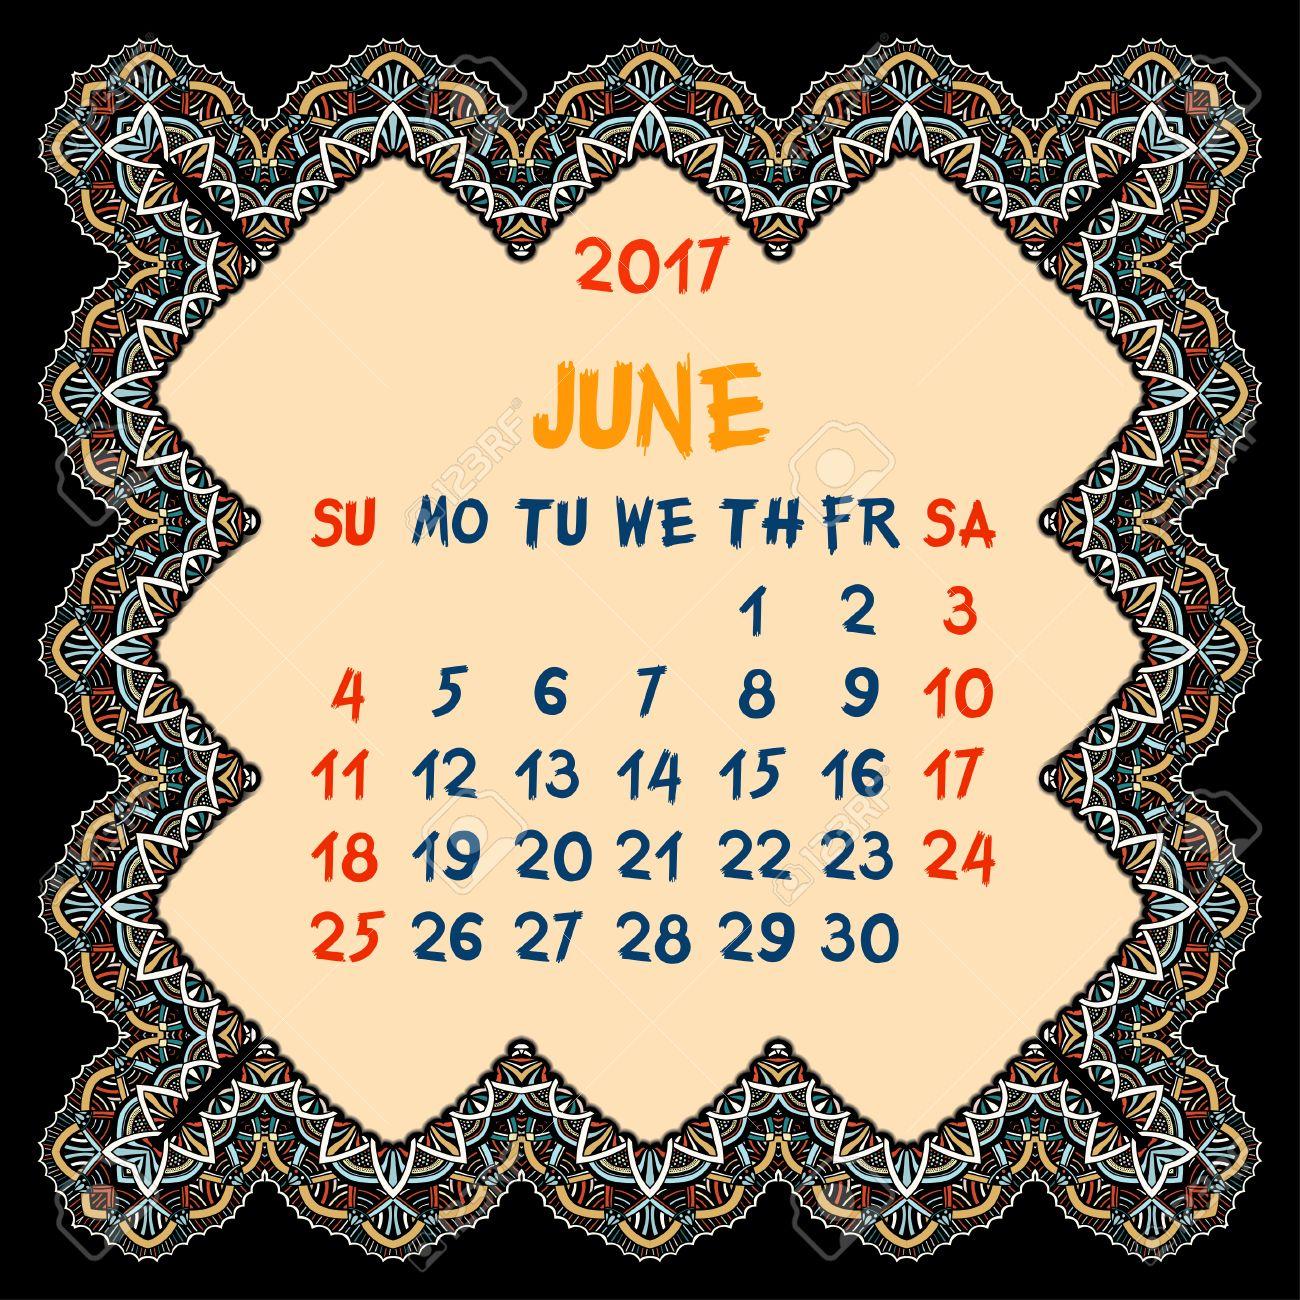 Calendario Para El Año 2017. De Junio De Diseño Vectorial Plantilla ...